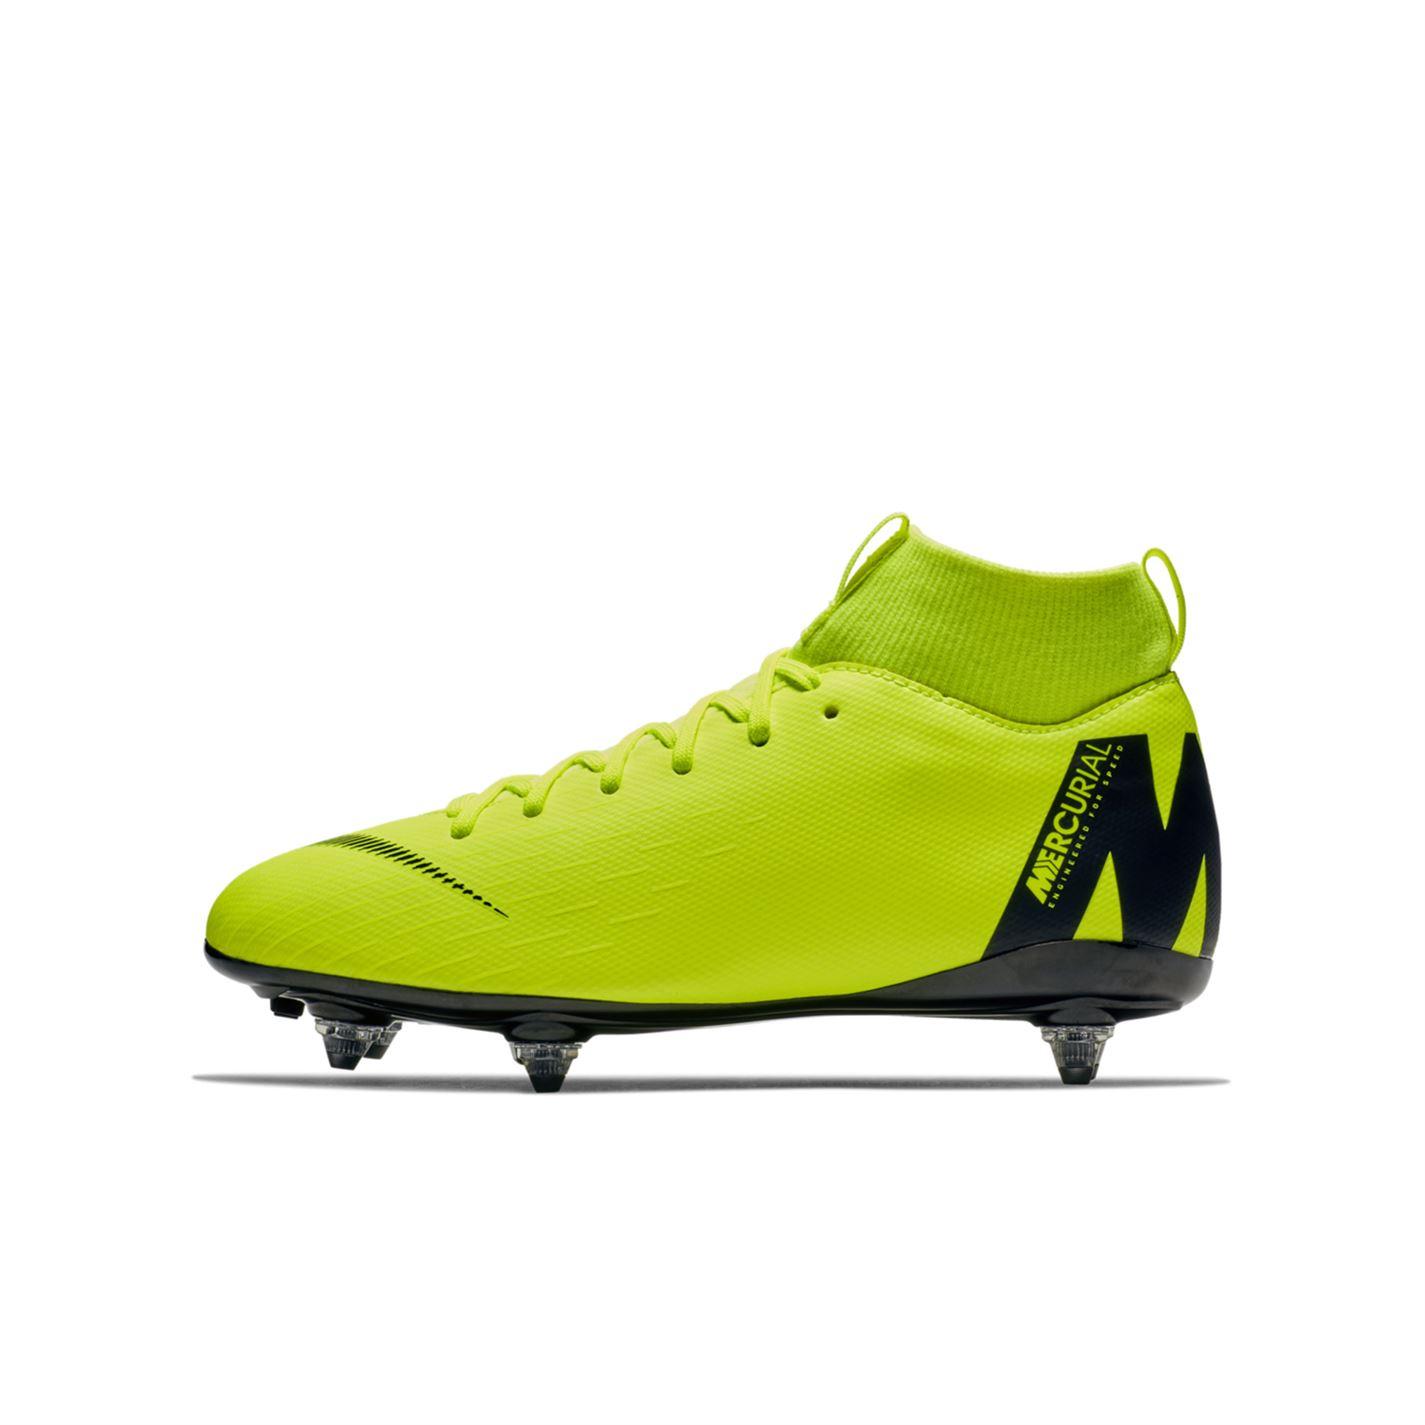 kopačky Nike Mercurial Superfly Academy DF dětské SG